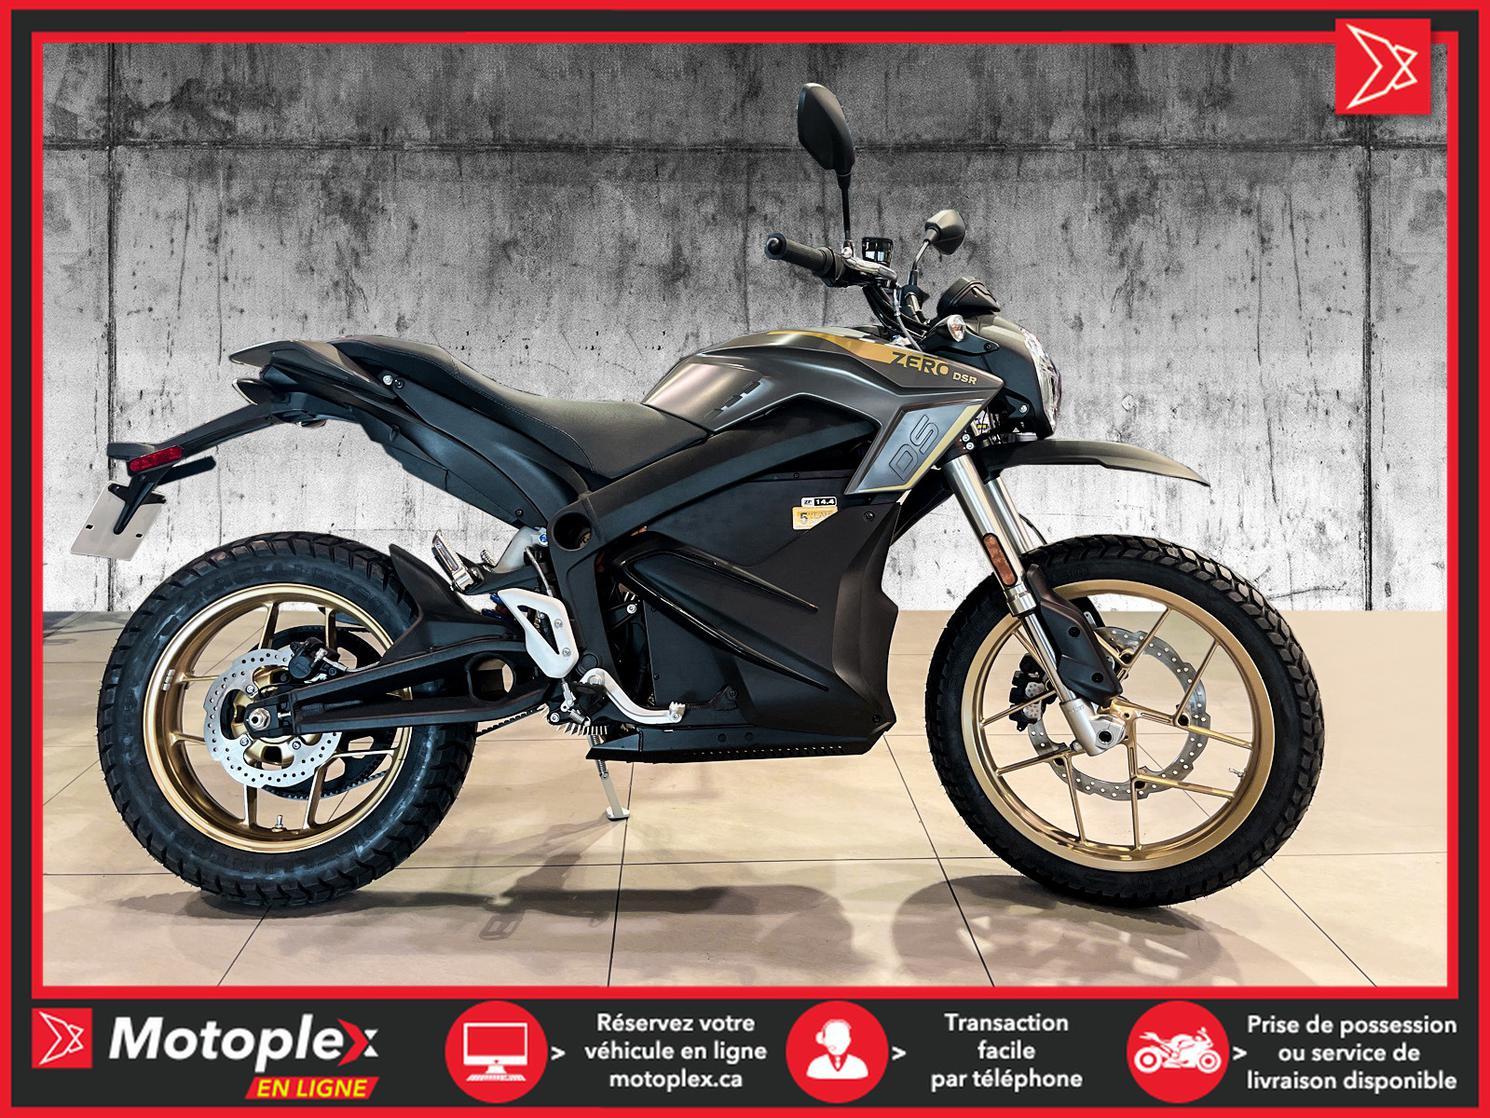 2021 Zero Motorcycles Moto électrique - DSR 14.4